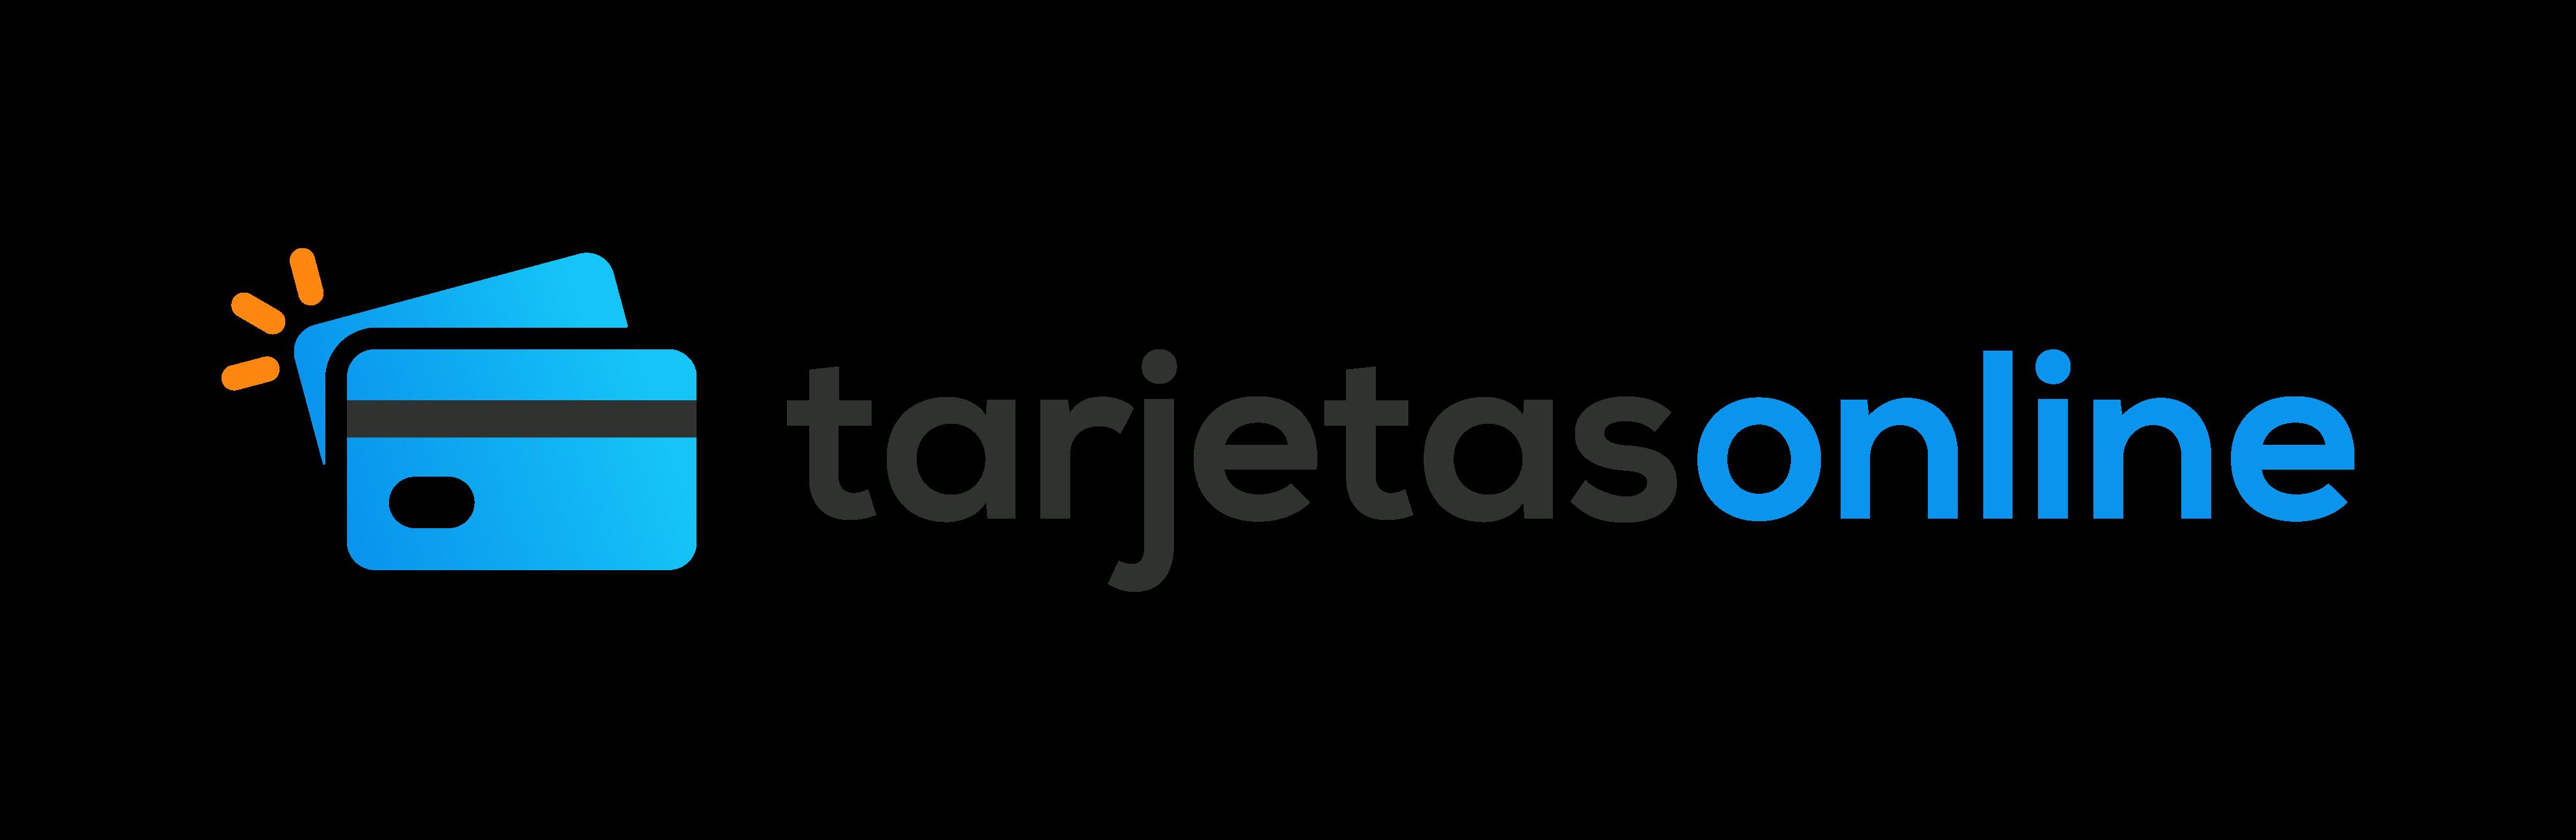 AF_logo_tarjetasonline